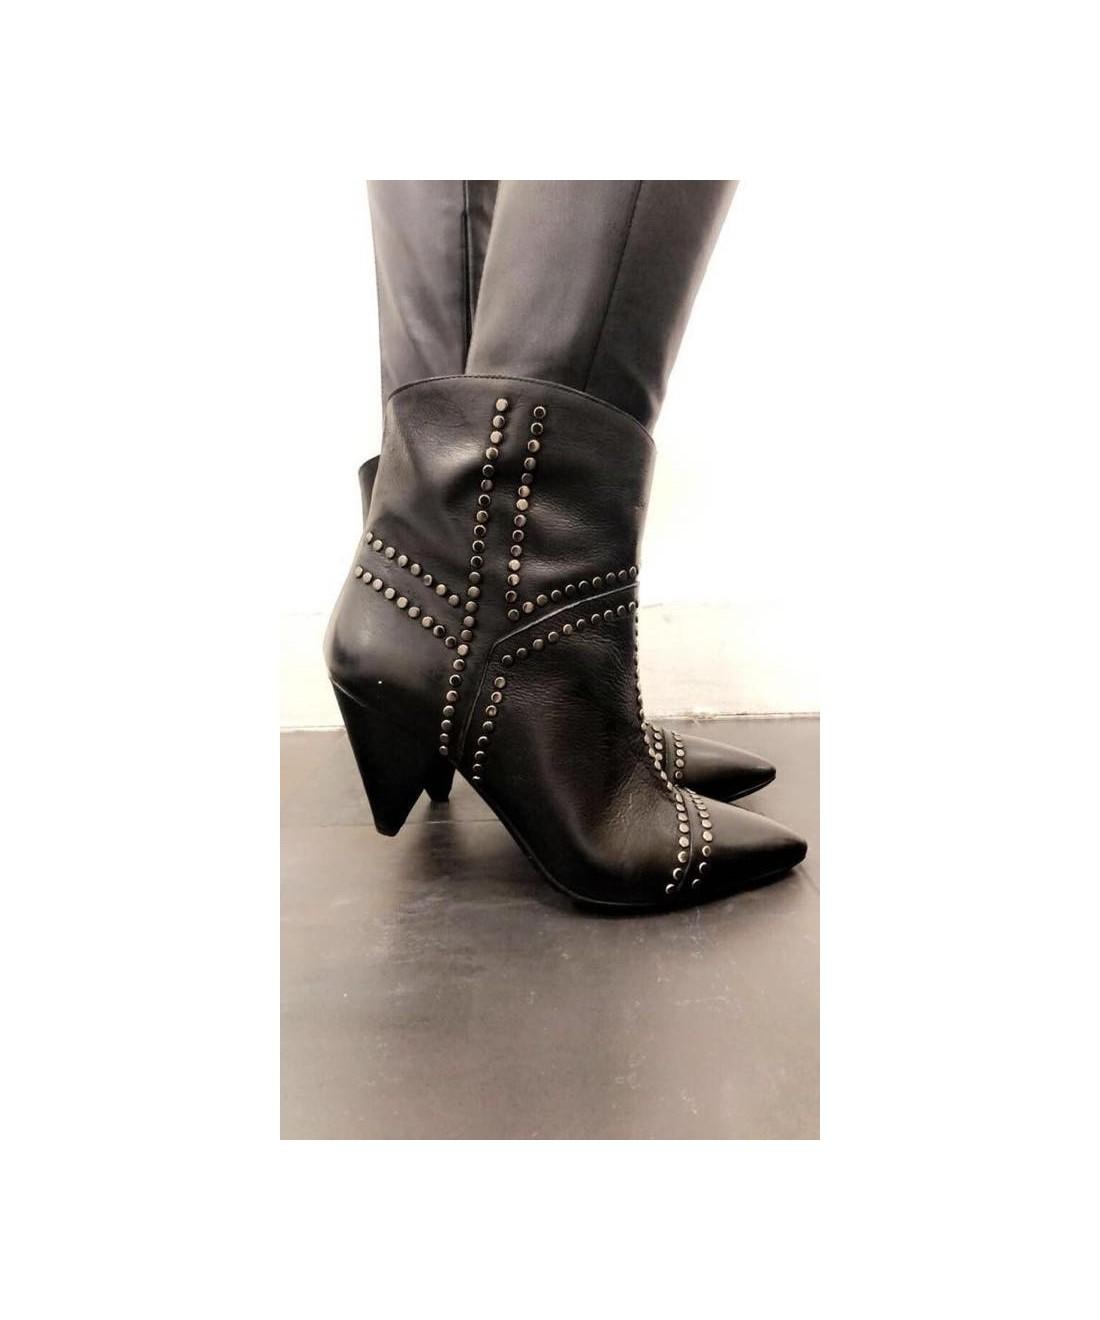 c74efd1b6ee0b0 Nouvelle boots cuir noir cloutée OSMOSE la pointe de votre modernité